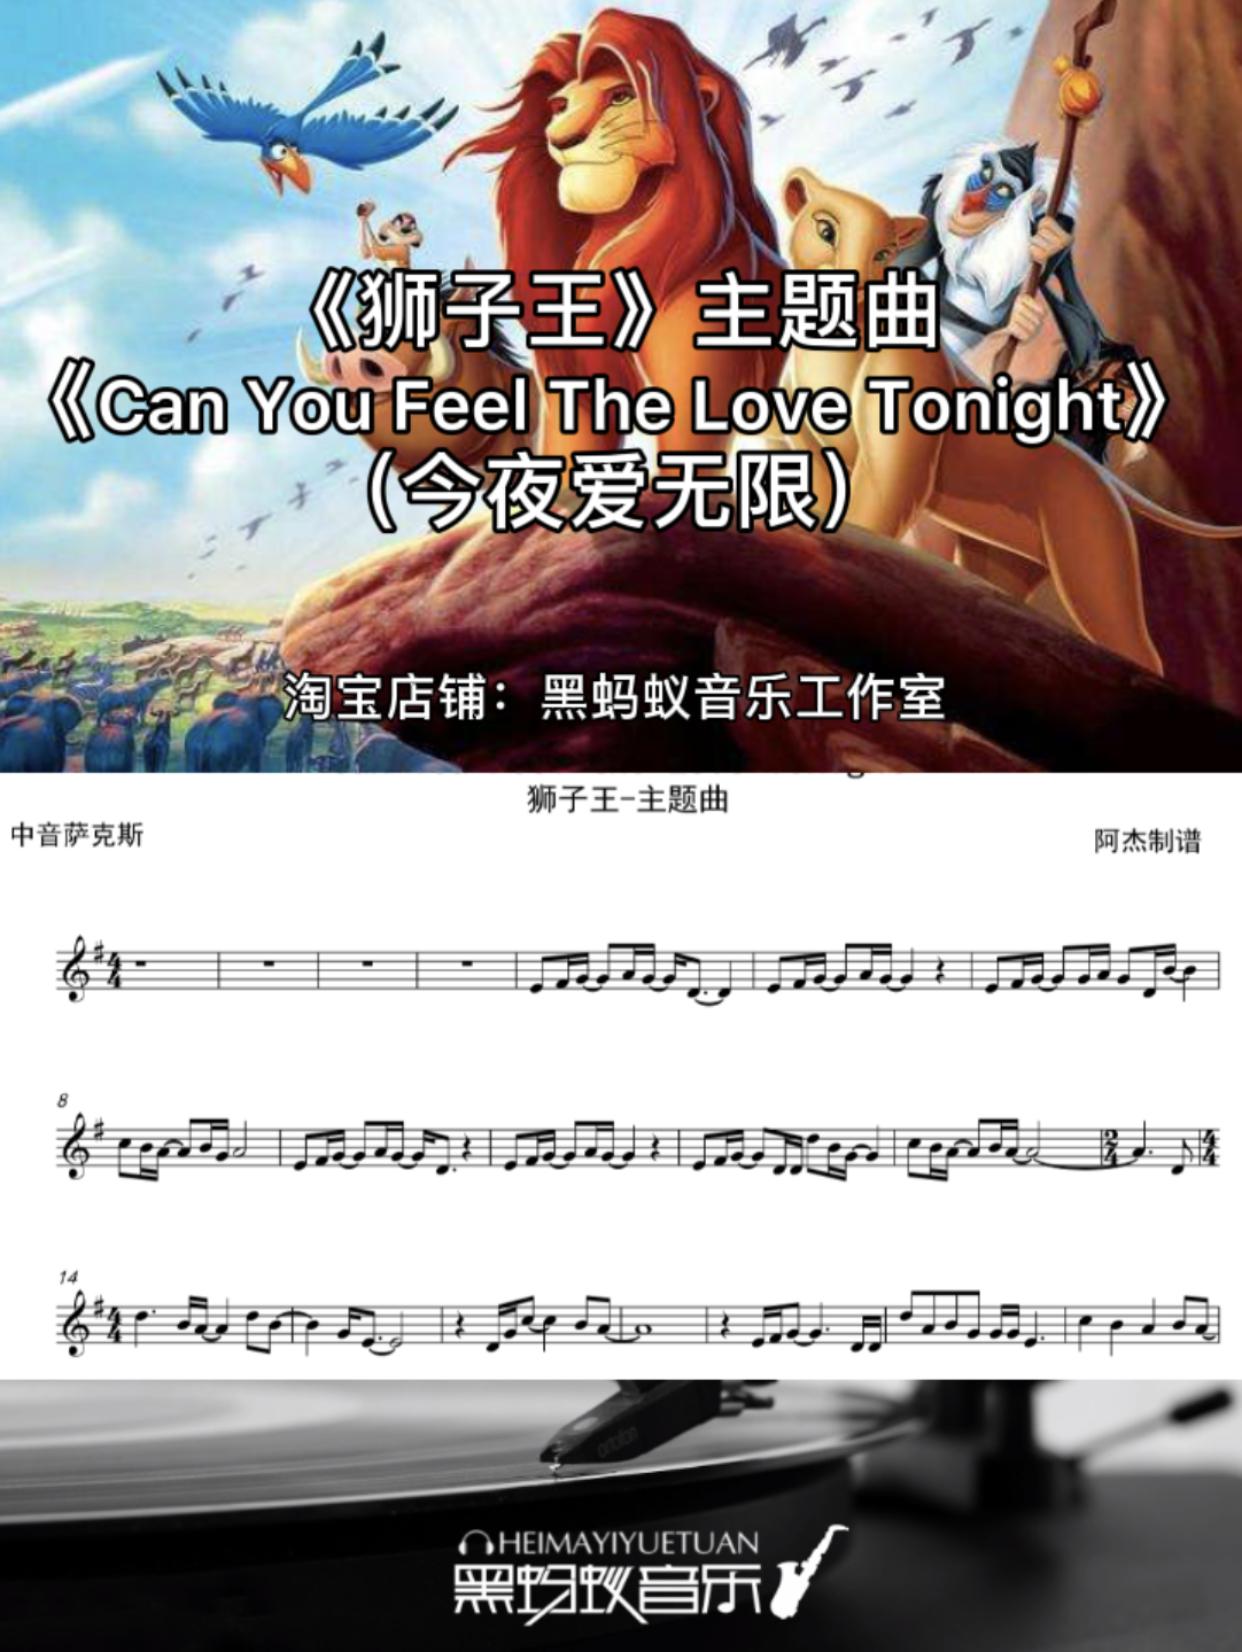 迪士尼 狮子王主题曲 今夜爱无限 萨克斯乐谱+伴奏(暂无示范)